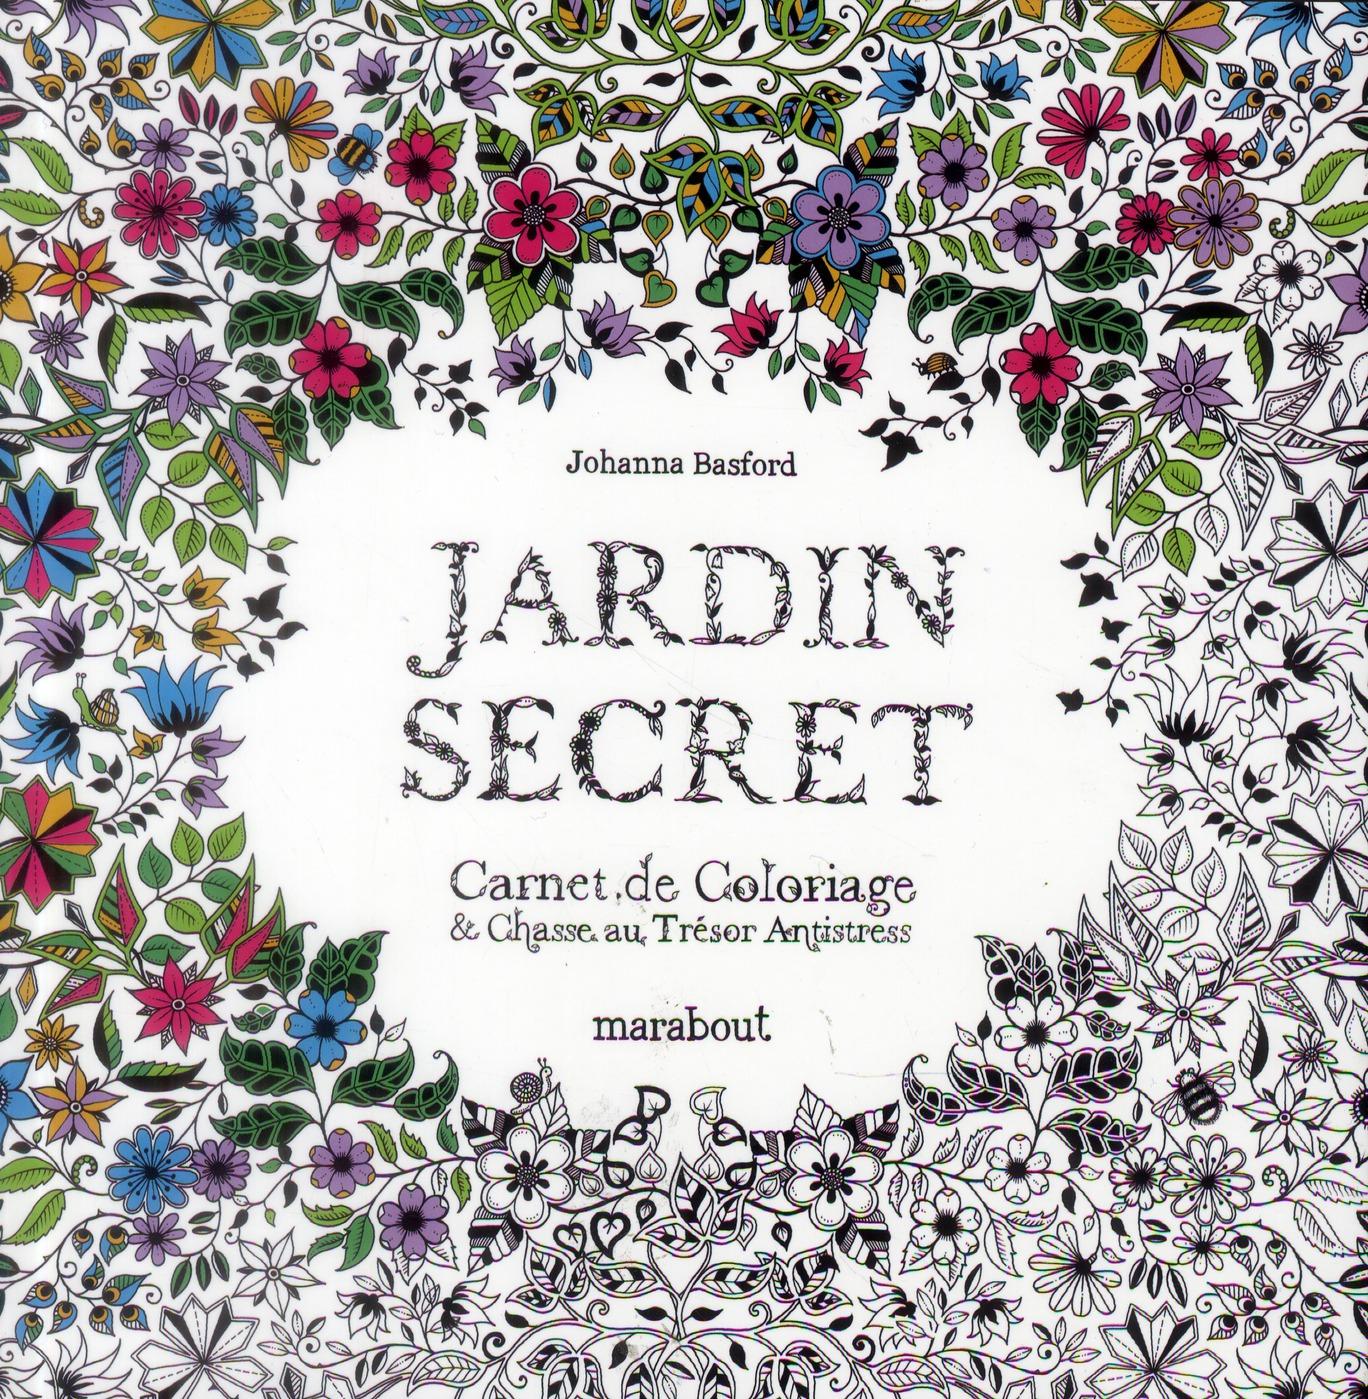 JARDIN SECRET  -  CARNET DE COLORIAGE ET CHASSE AU TRESOR ANTISTRESS BASFORD JOHANNA Marabout